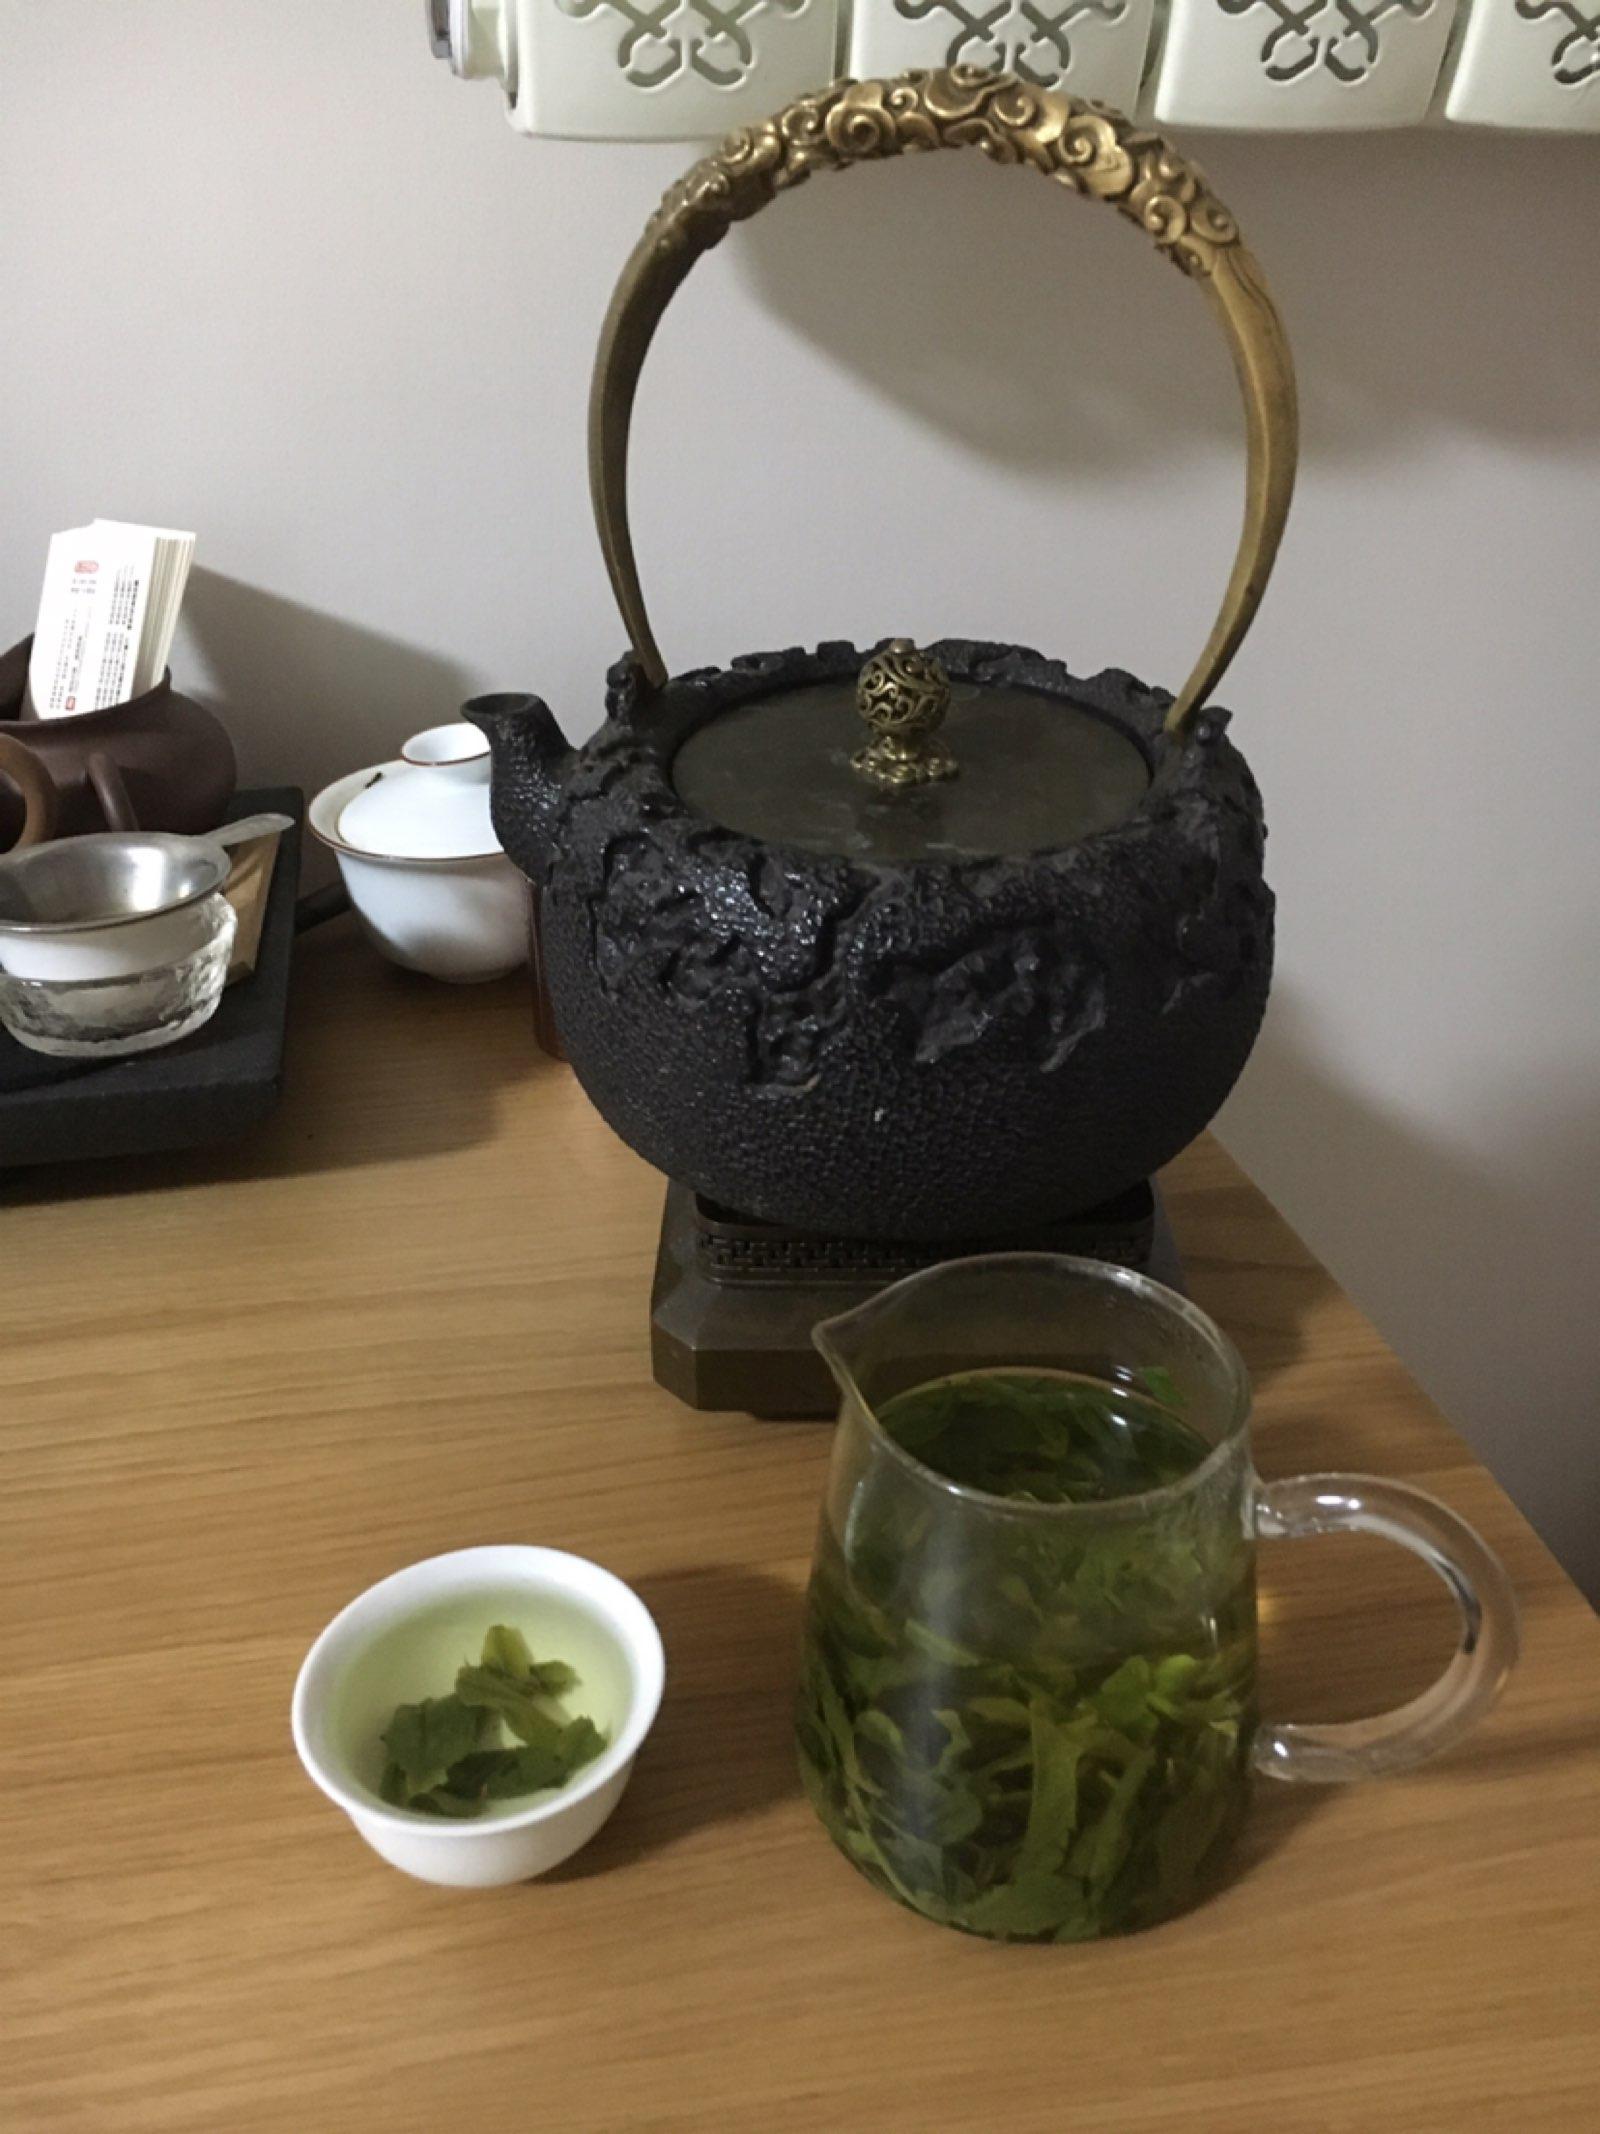 整个世界都安静下来了。喝杯老家的茶。